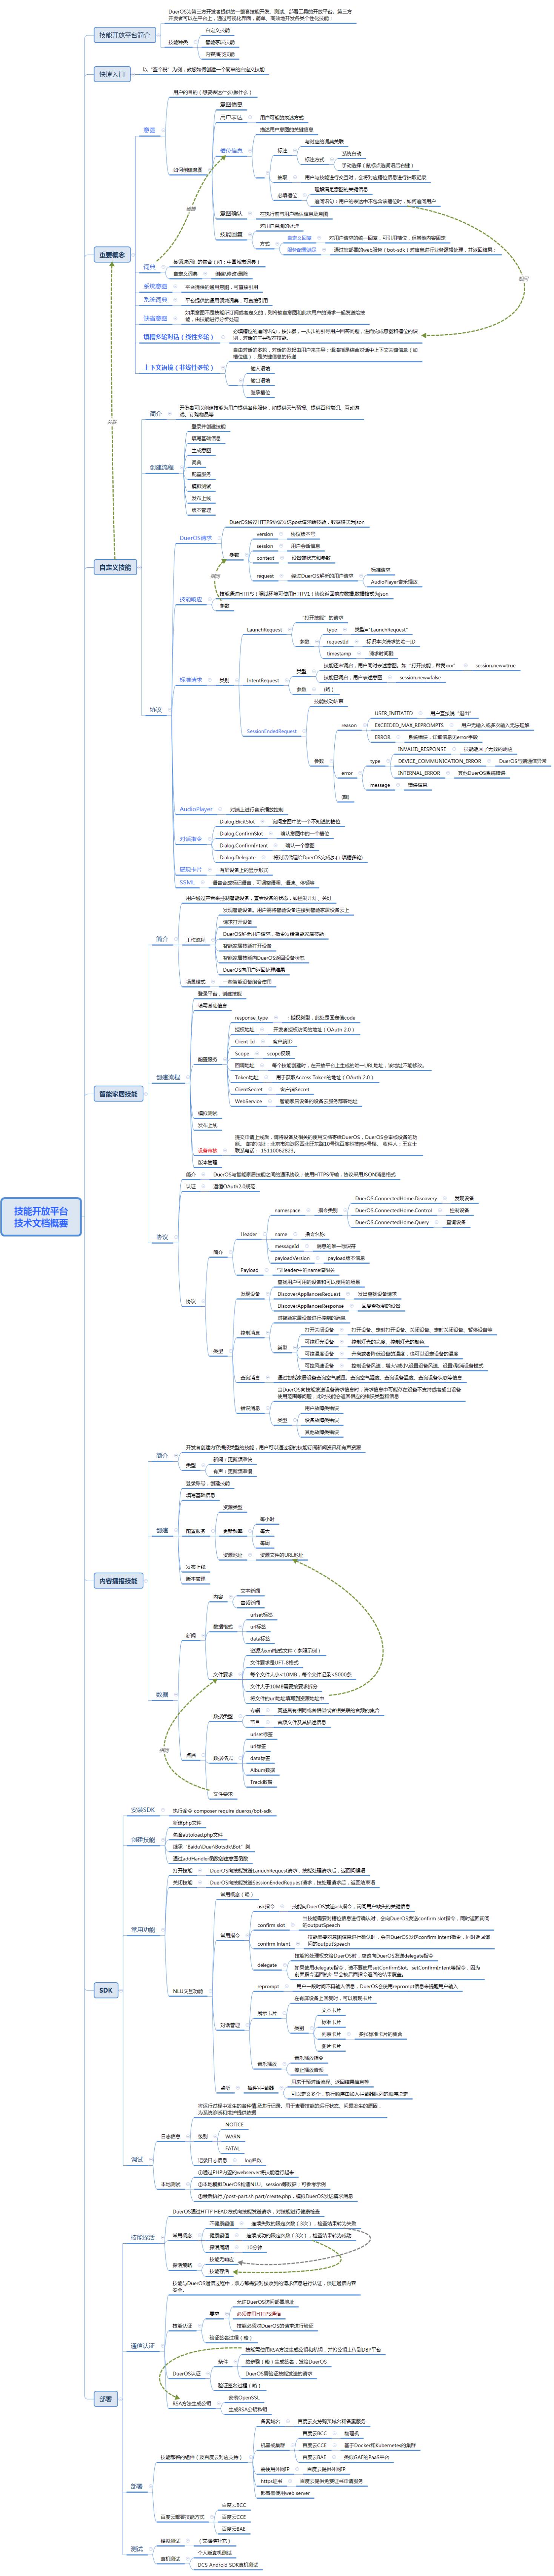 技能开放平台 技术文档概要.png